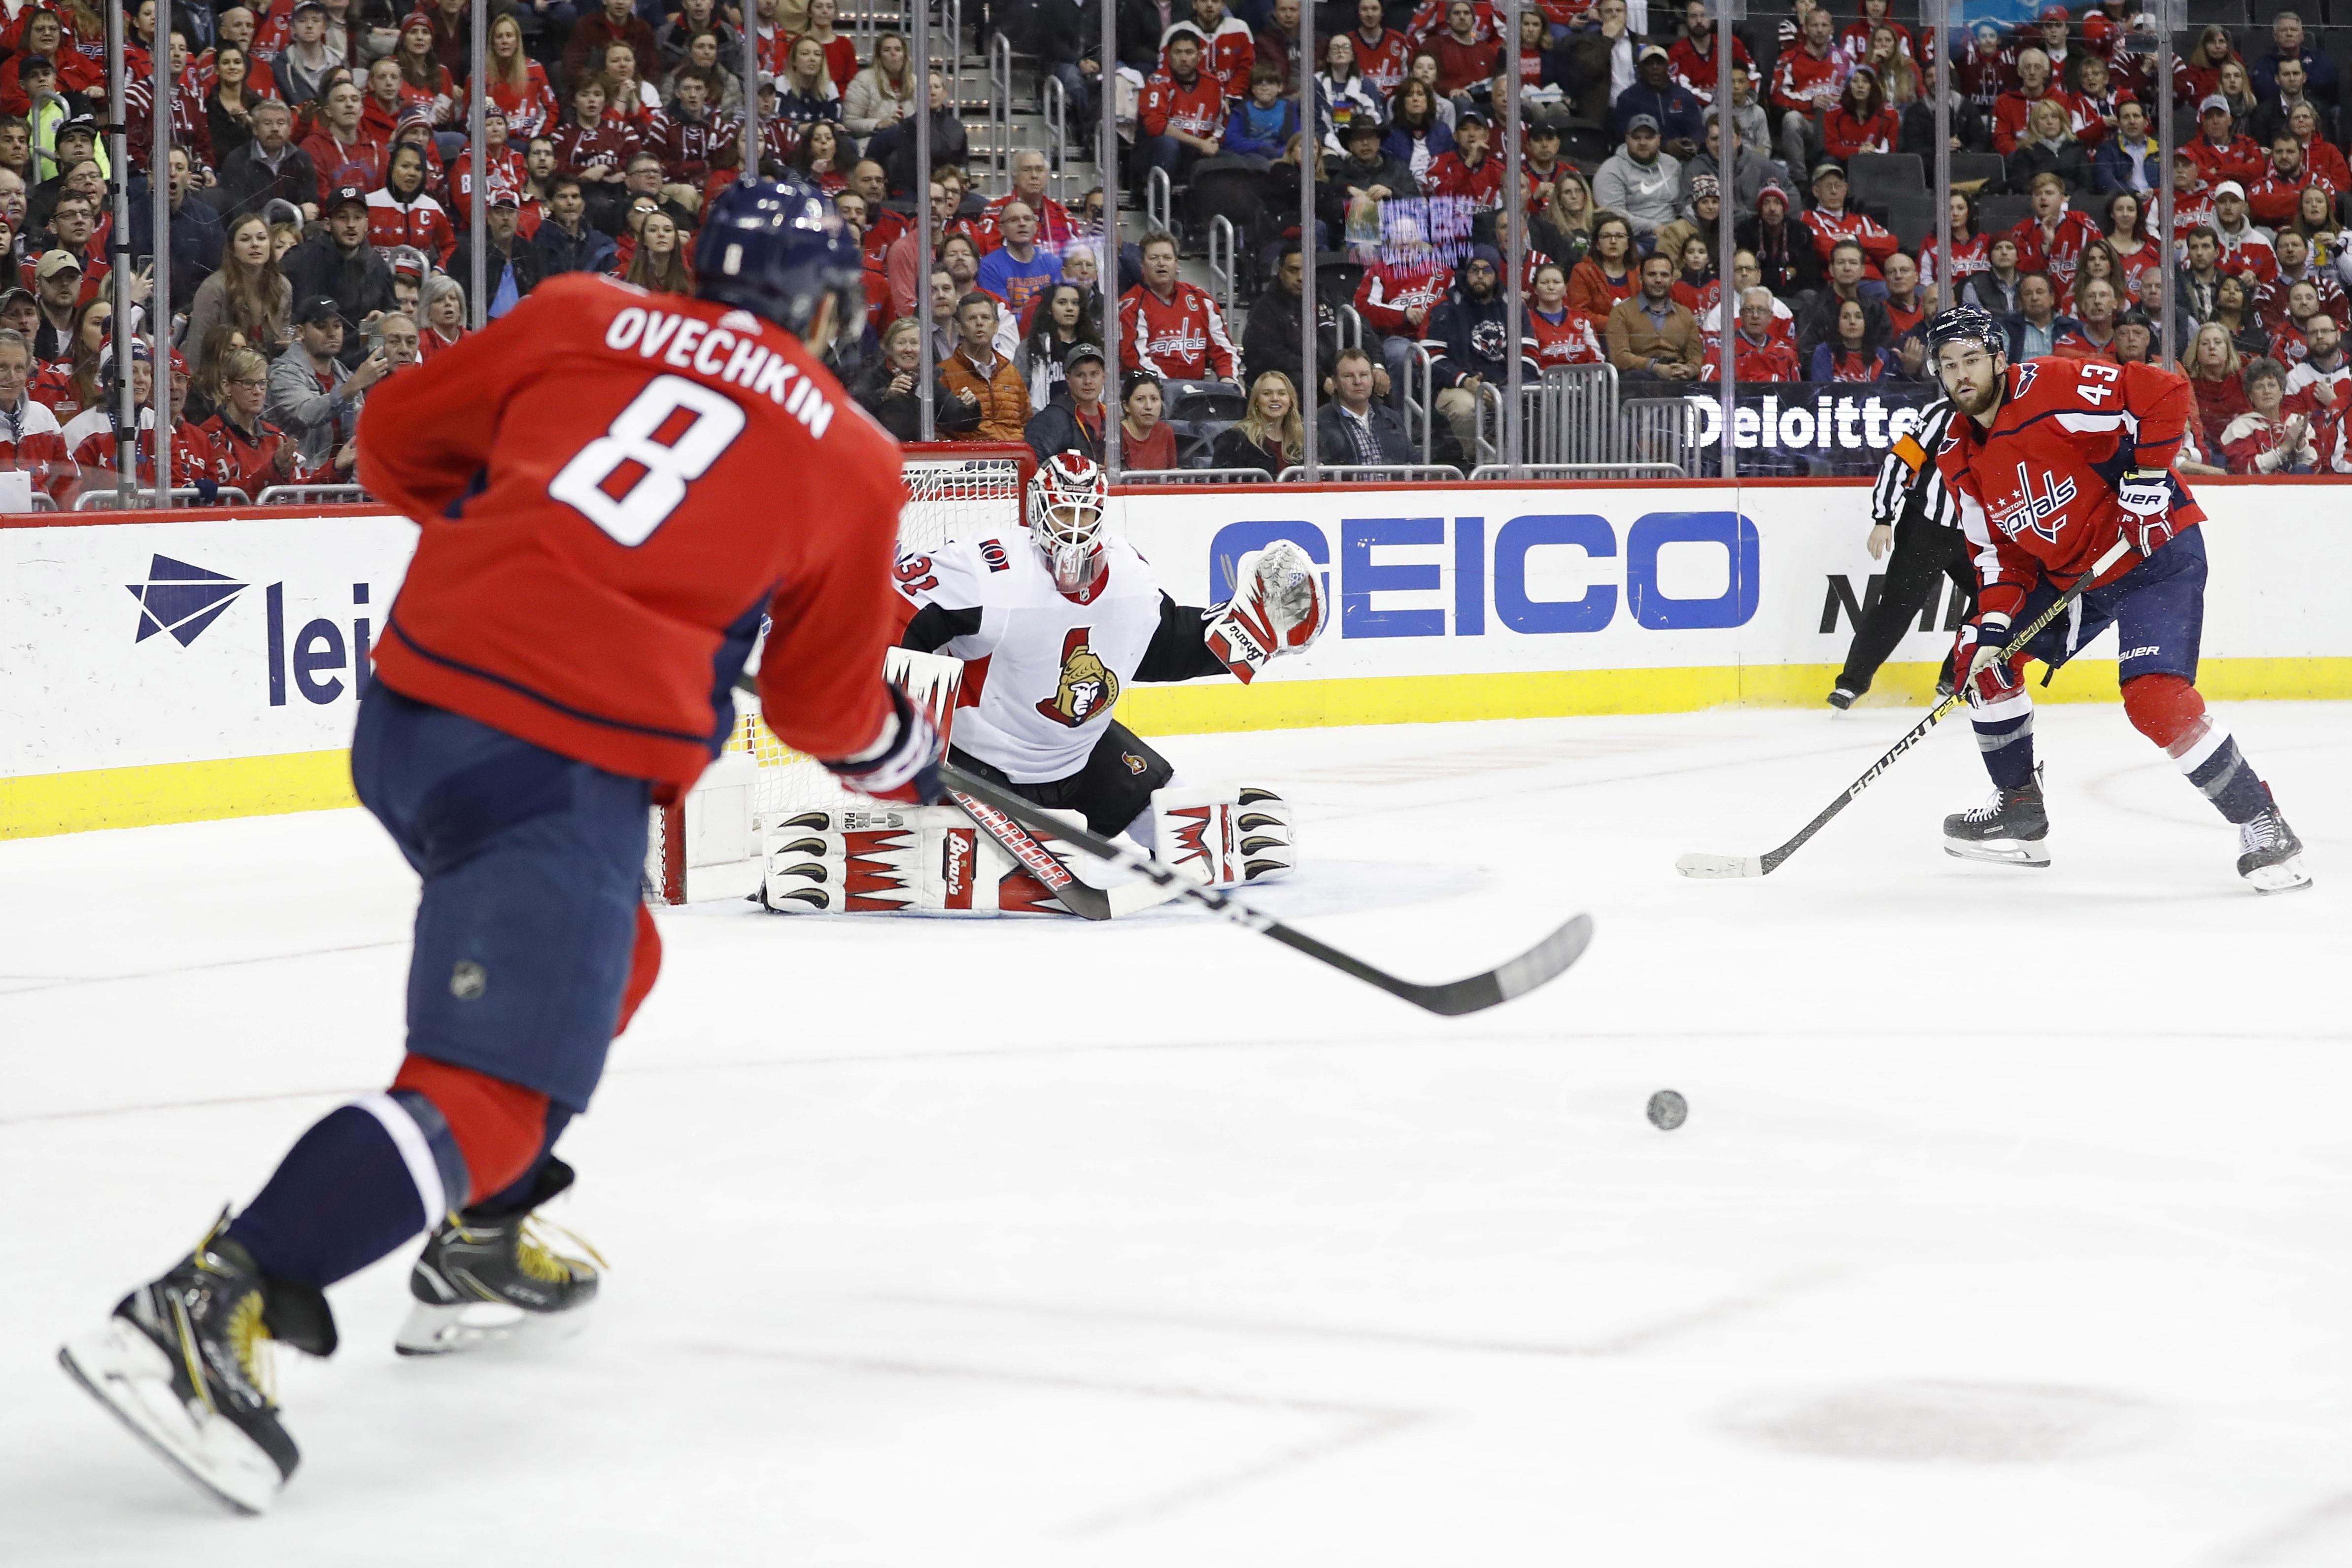 NHL: Ottawa Senators at Washington Capitals